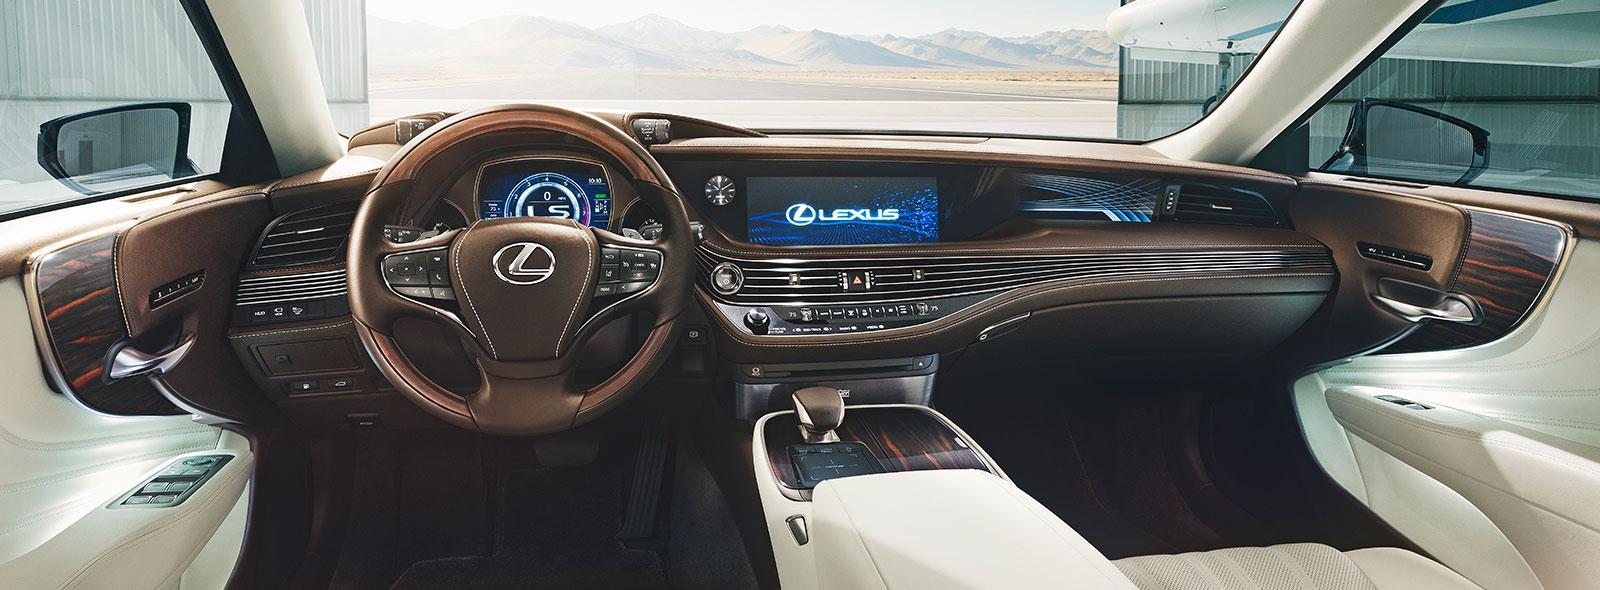 Интерьер роскошного Lexus LS